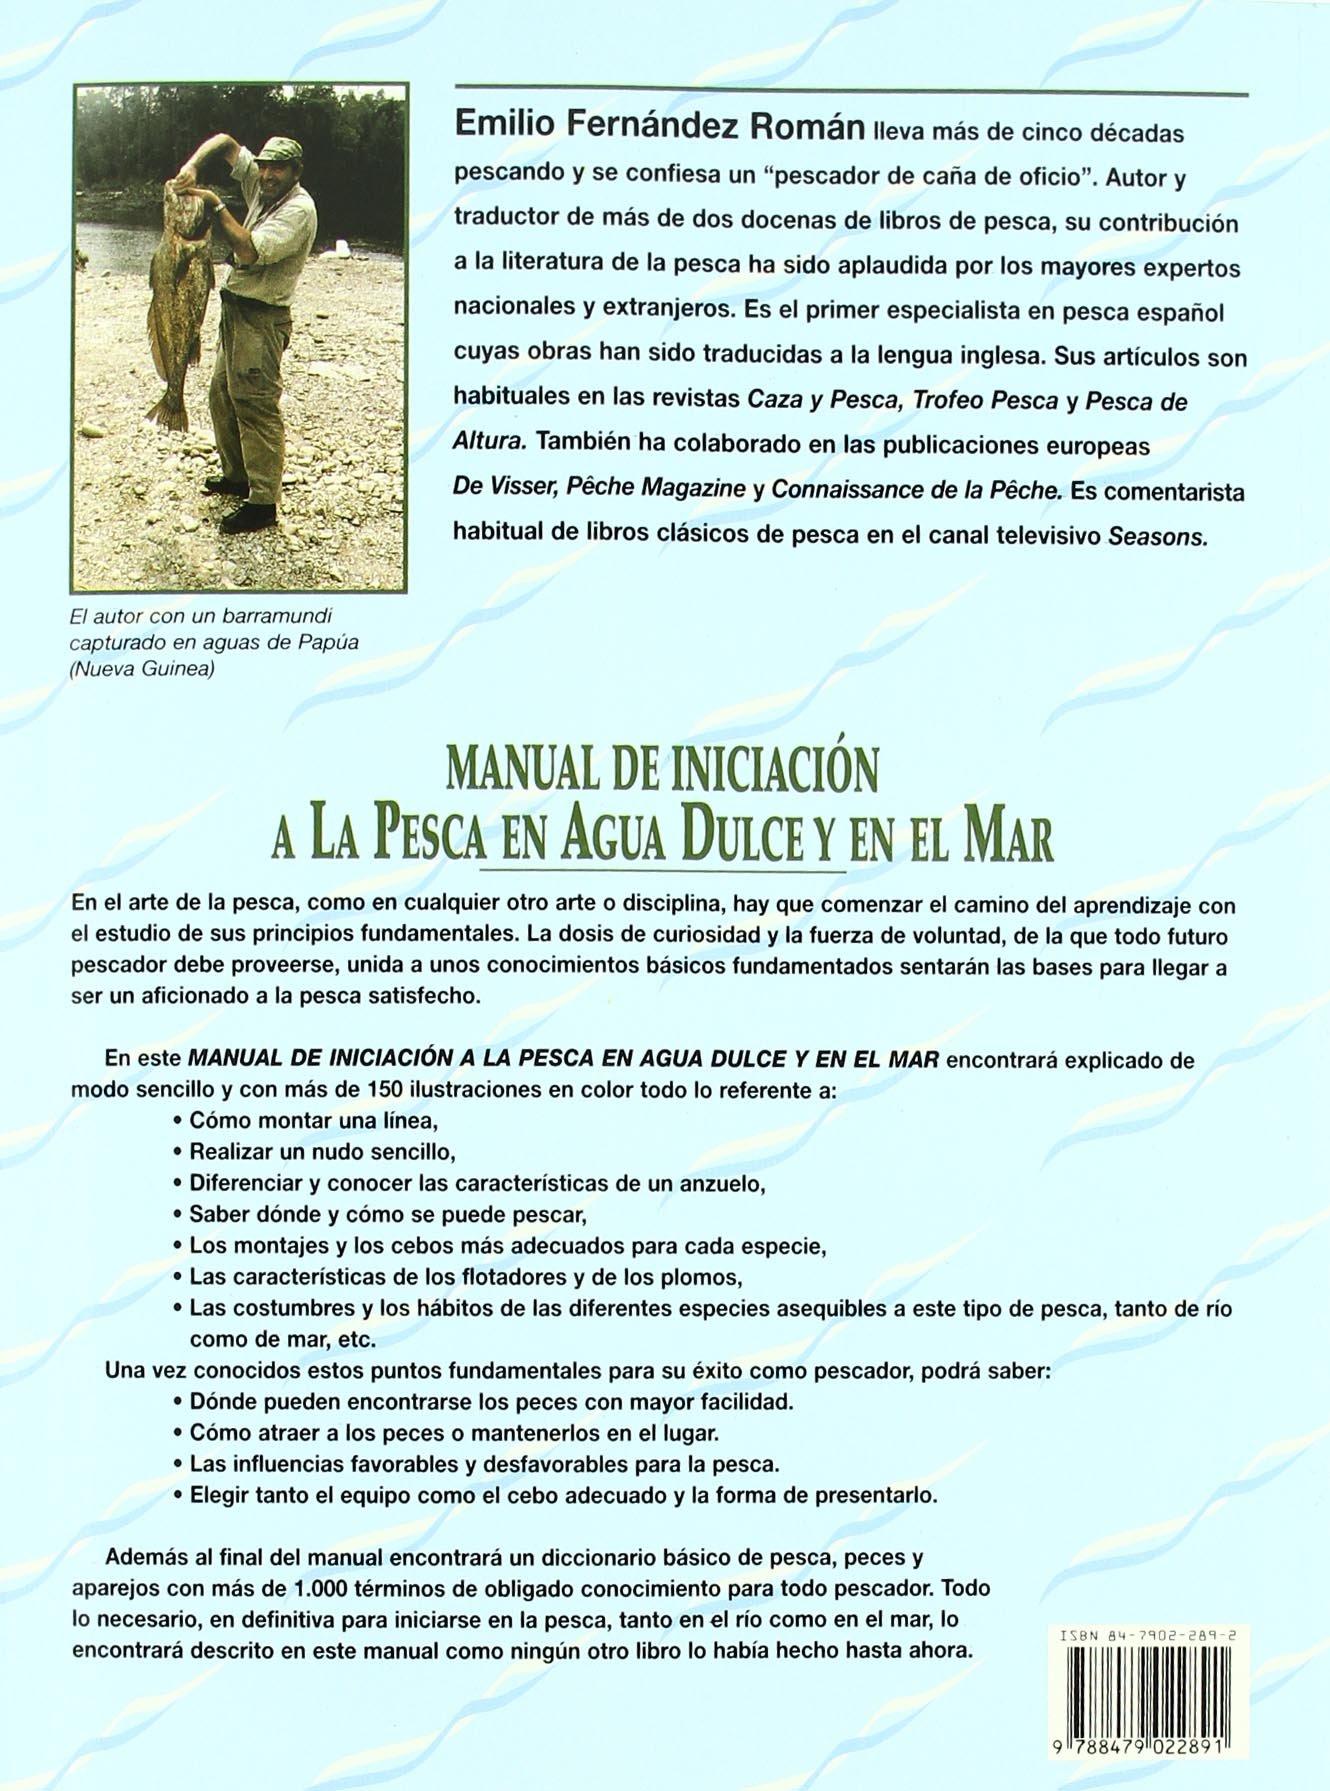 Manual de Iniciación a Pesca En Agua Dulce y Mar: Amazon.es: Emilio ...